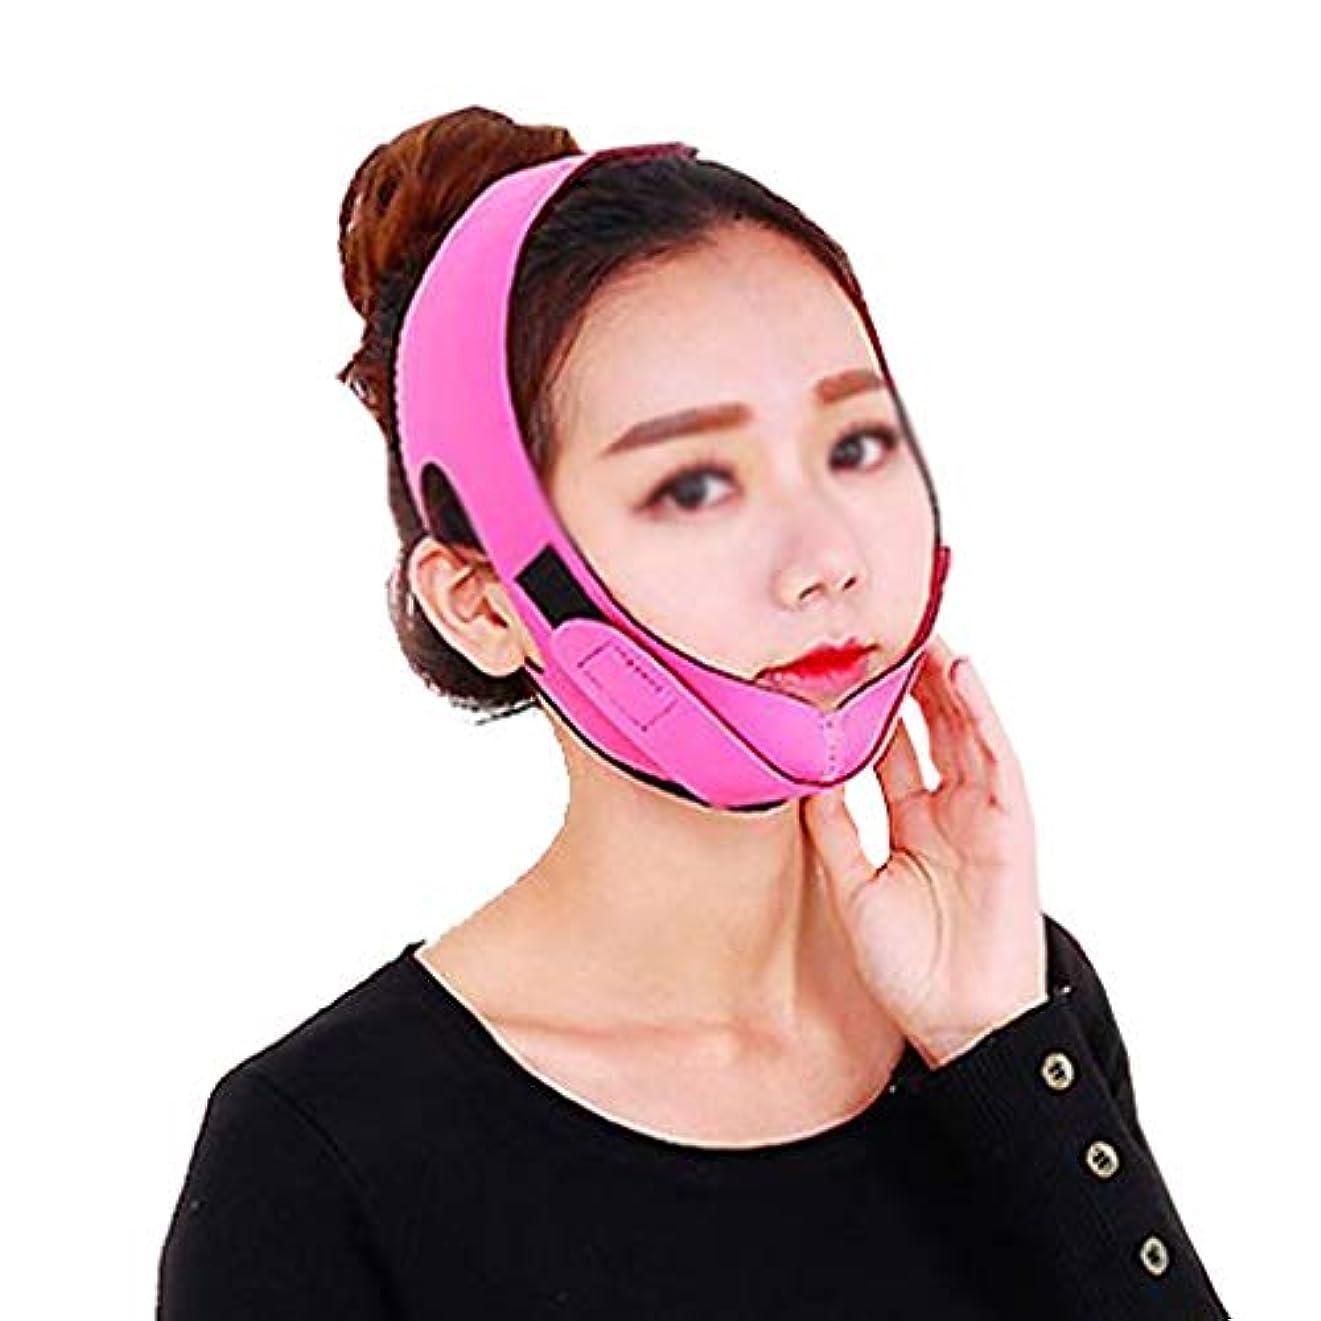 スペシャリスト喉頭パパZWBD フェイスマスク, フェイスリフトマスクアーティファクトフェイスリフティング包帯男性と女性フェイスリフティング器具スモールVフェイス包帯リフティングダブルチンフェイス